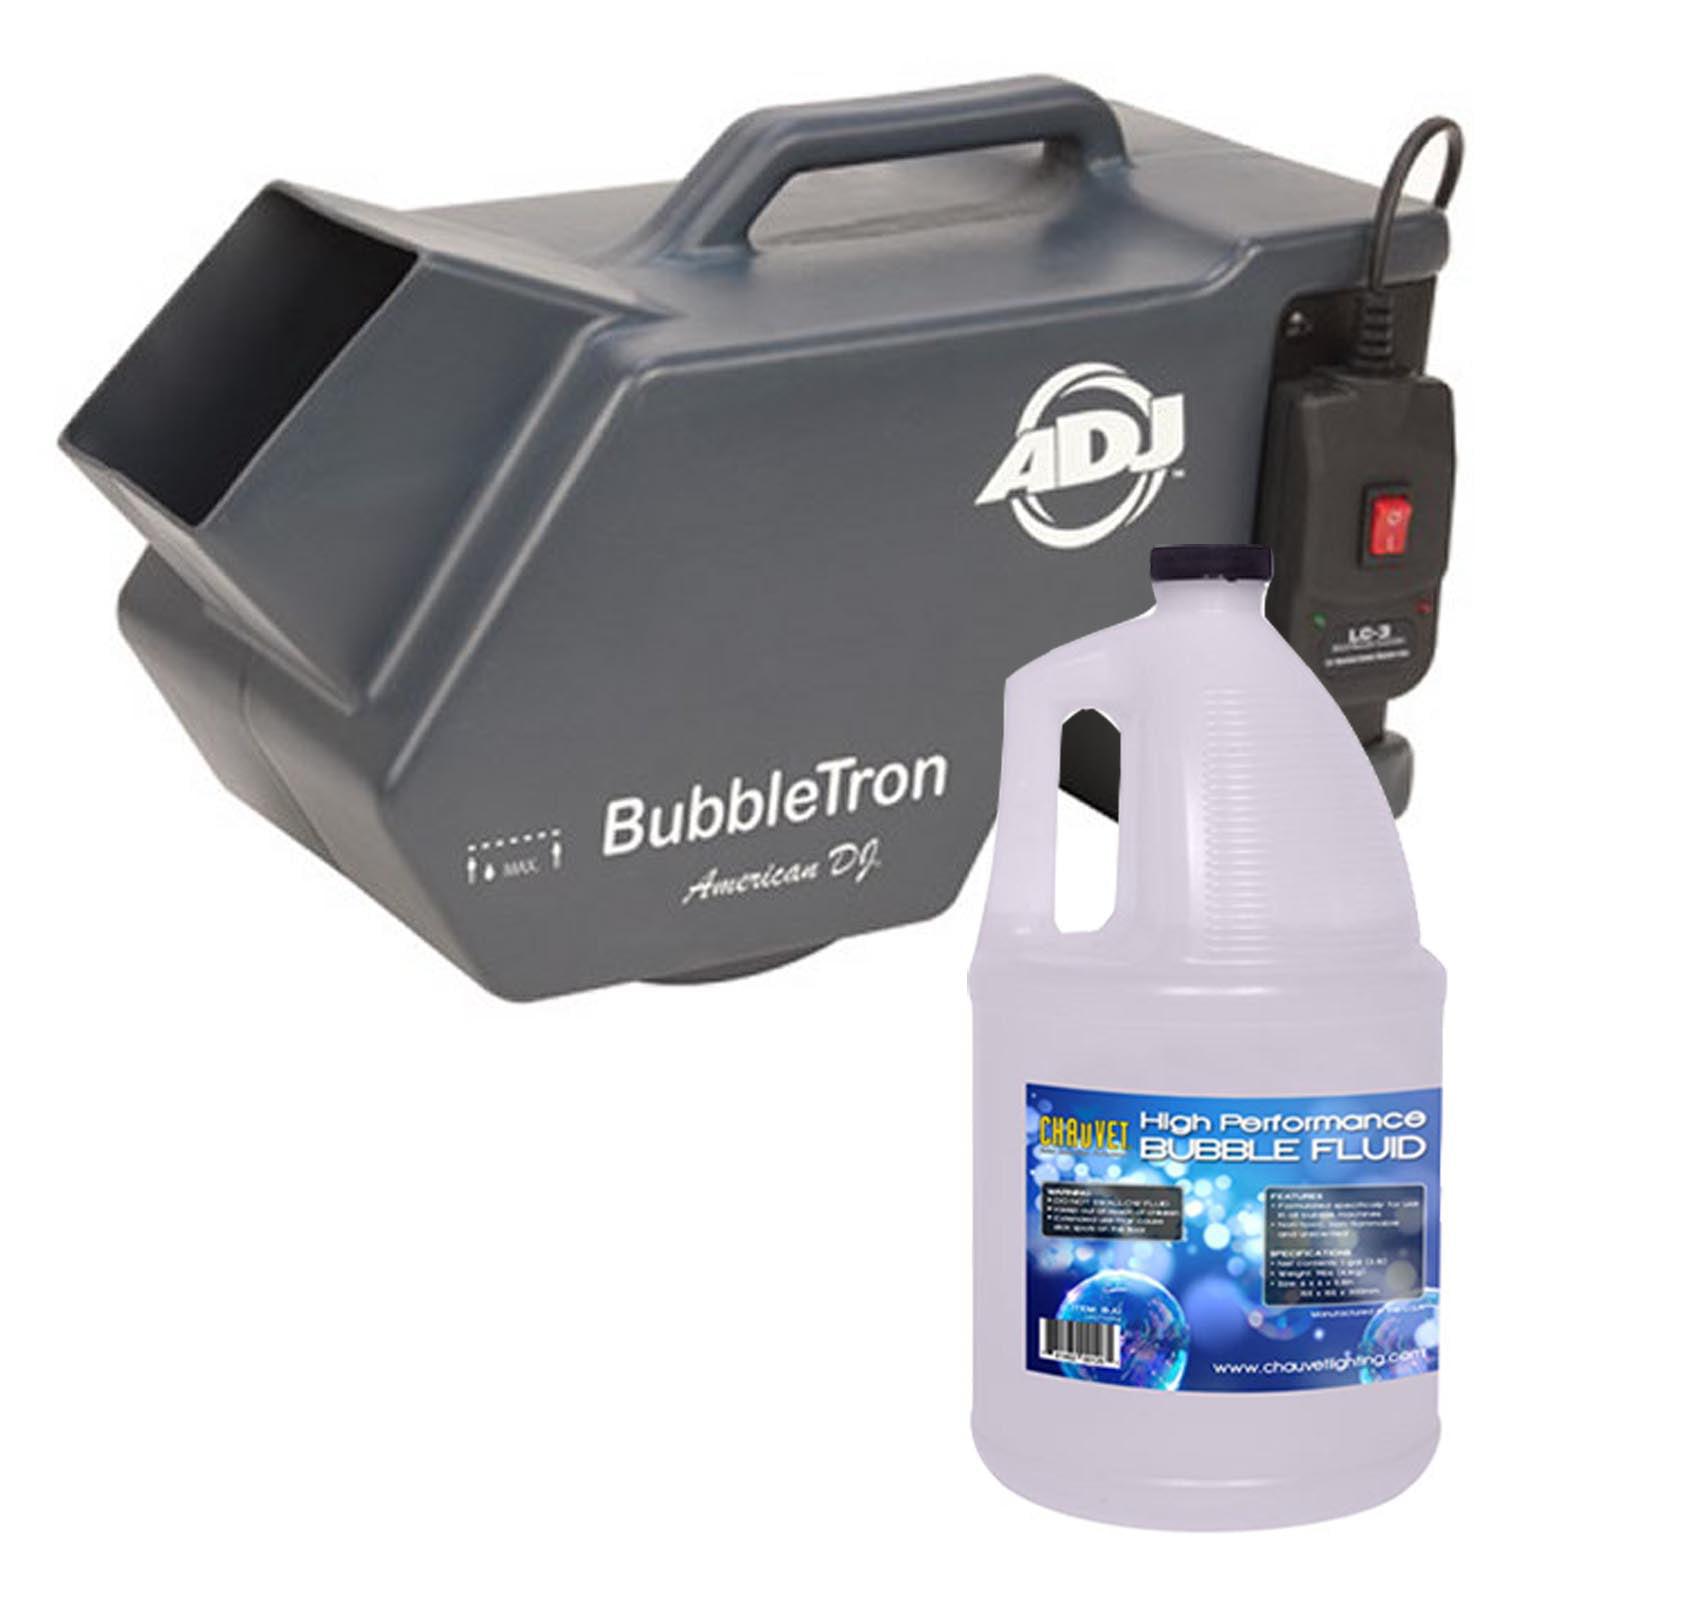 American Dj Bubble Tron Bubbletron High Output Bubble Mac...